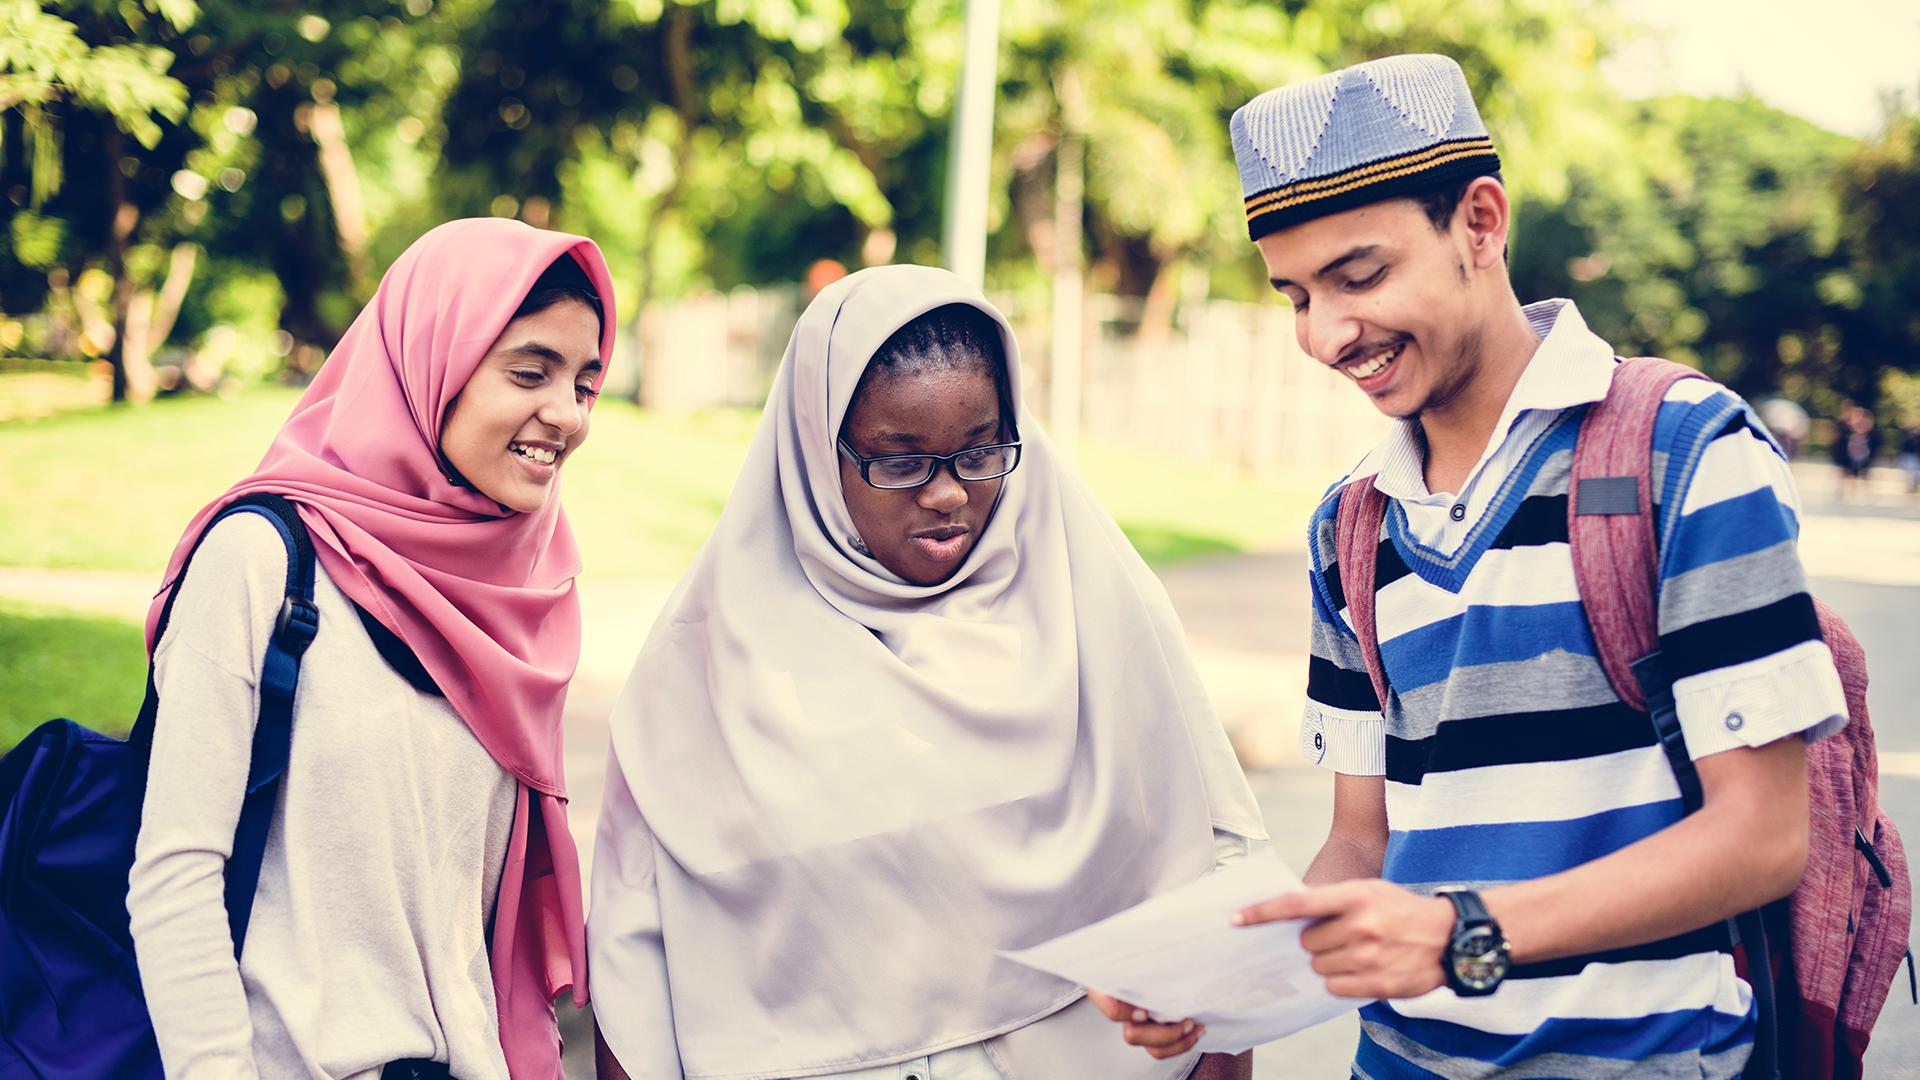 머리수건을 쓴 젊은 두 여성과 모자를 쓰고 서류를 보는 젊은 남성의 그룹 사진.